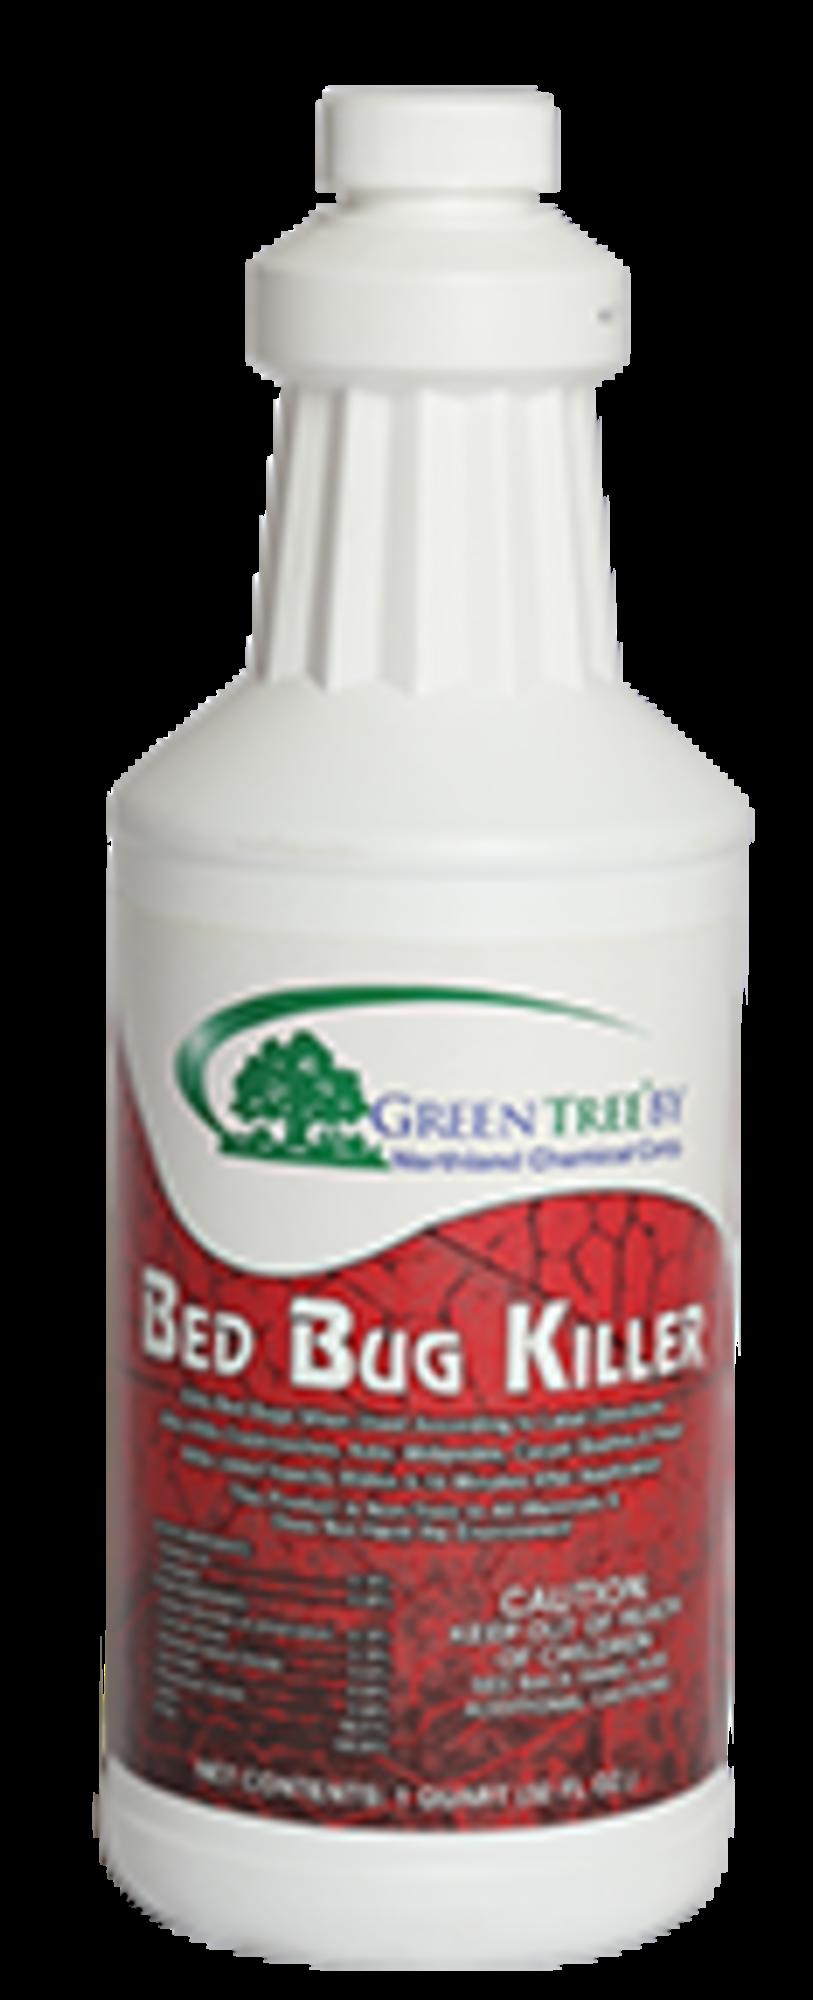 bed bug killer northland chemical